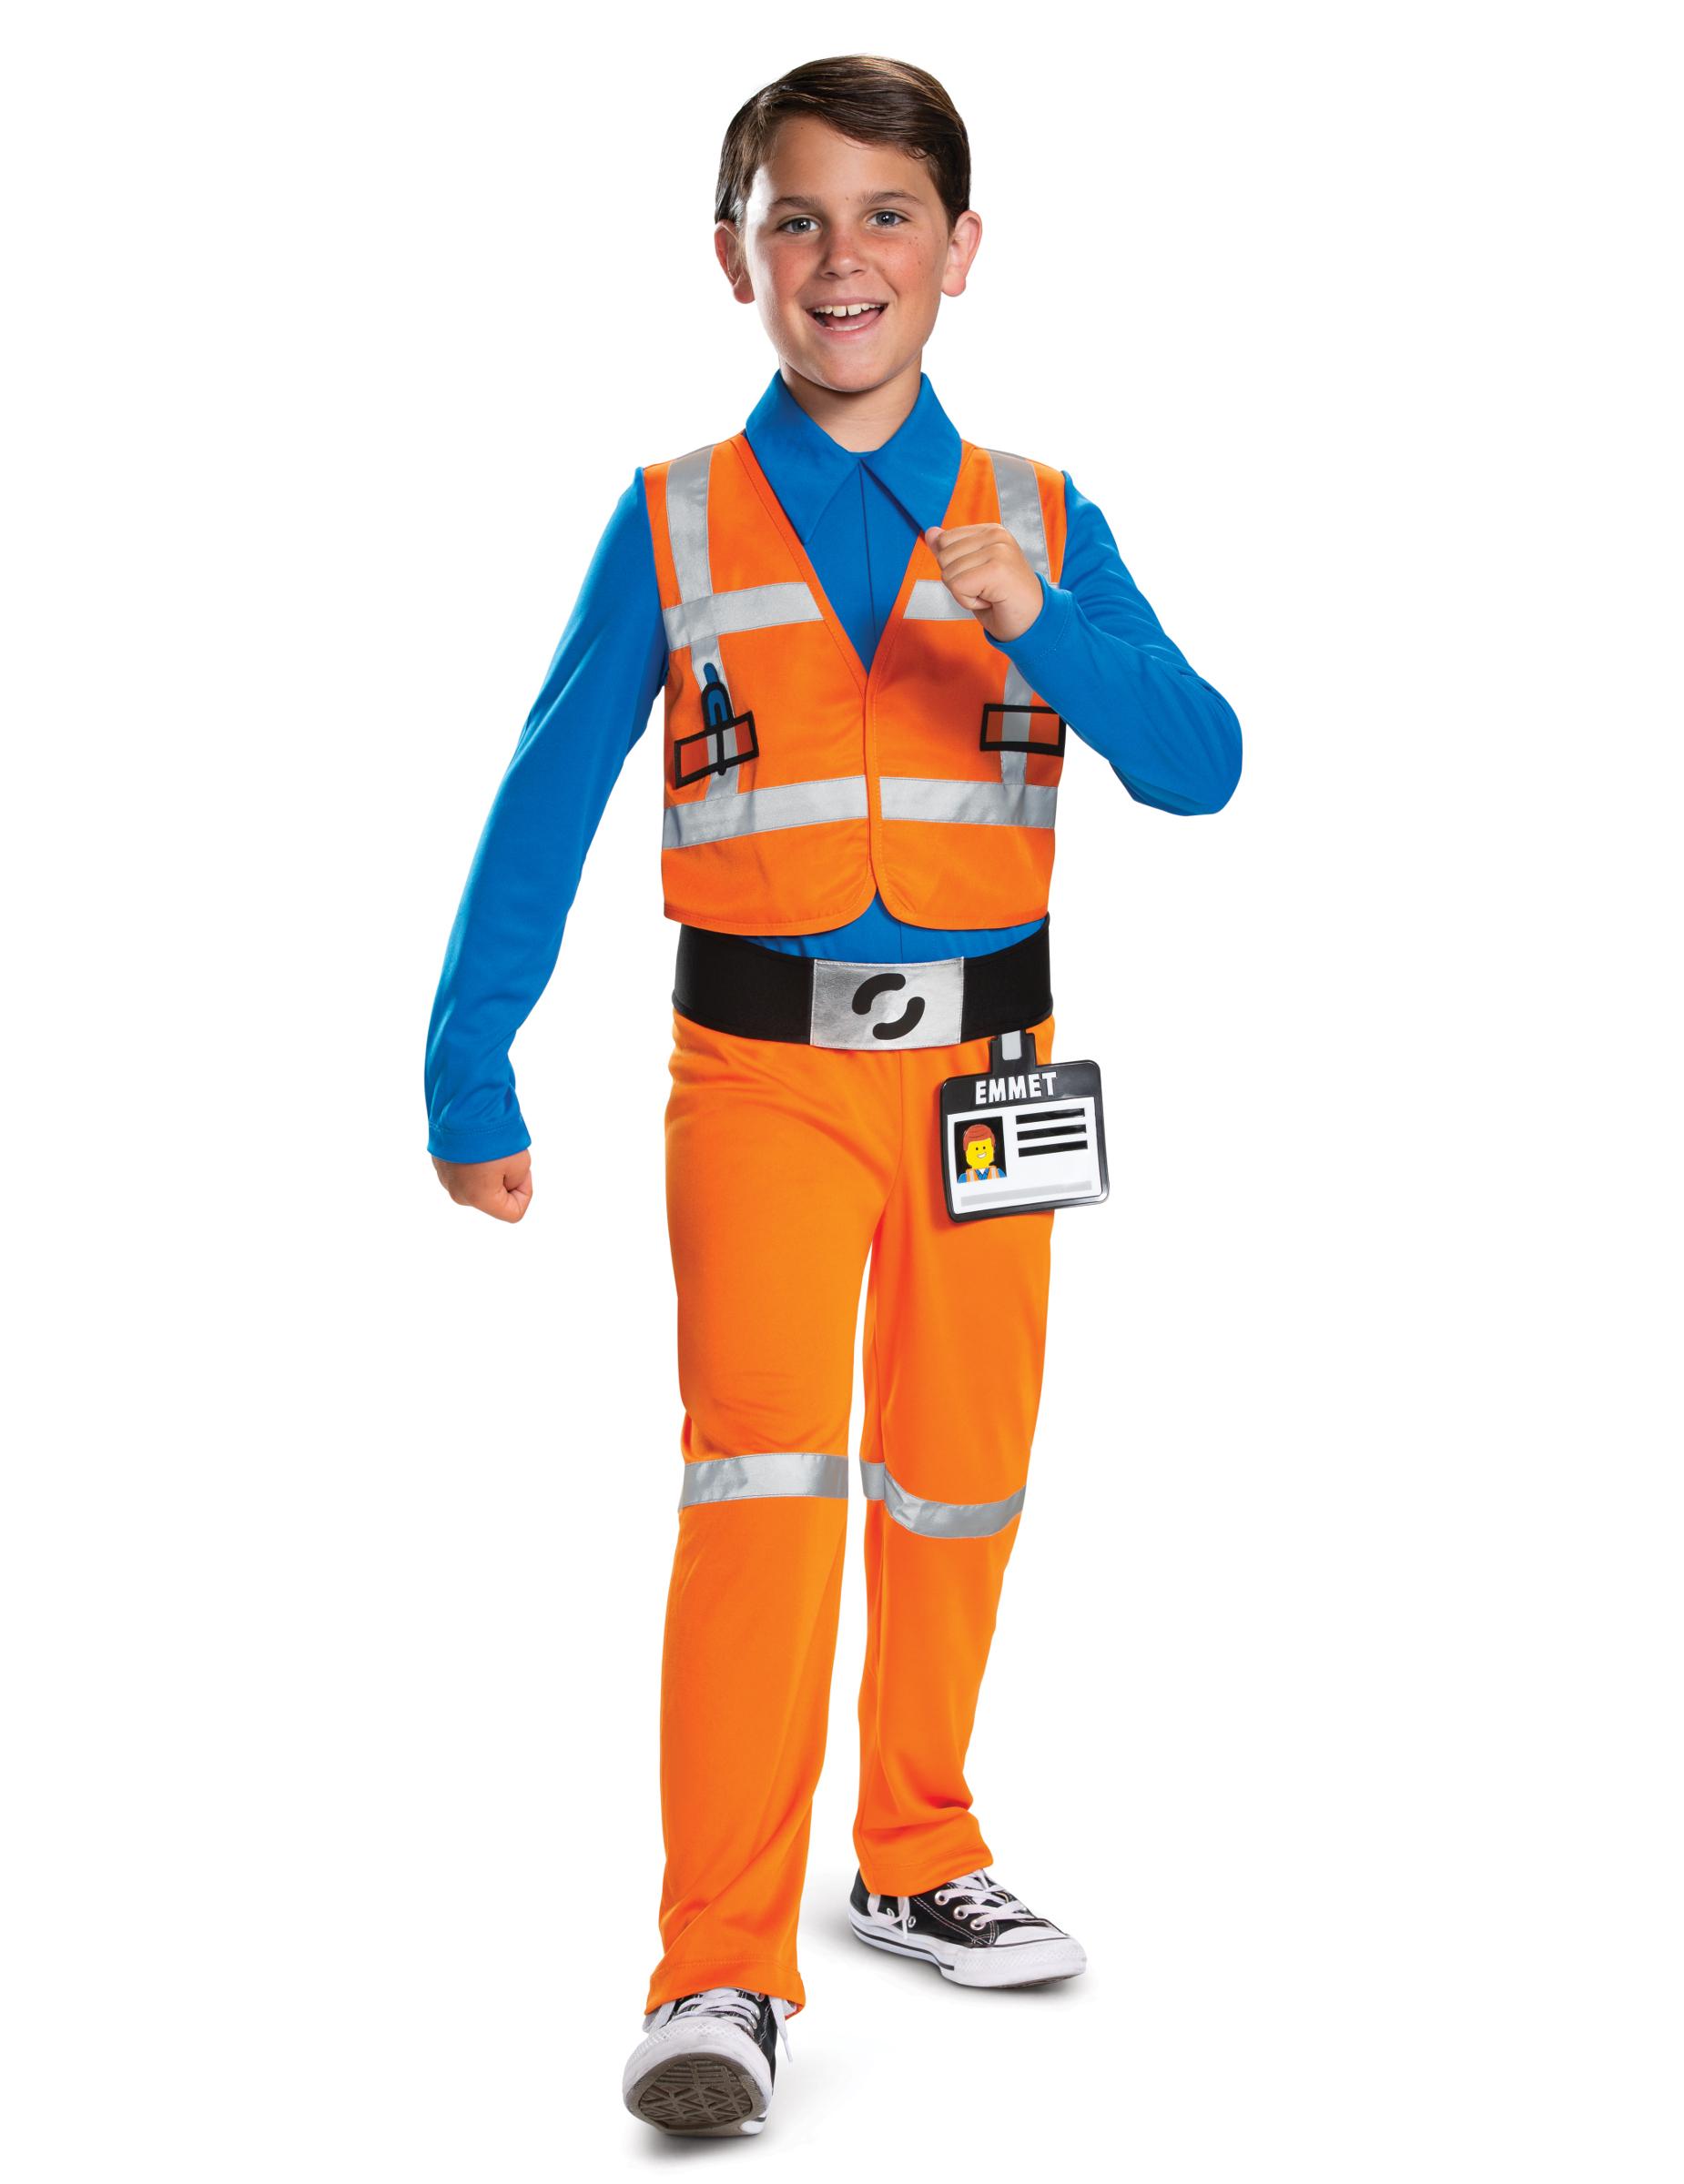 Lego-Figur Emmet Kostüm für Kinder Lizenz-Lego 2 bunt - 140/146 (10-12 Jahre) 286630